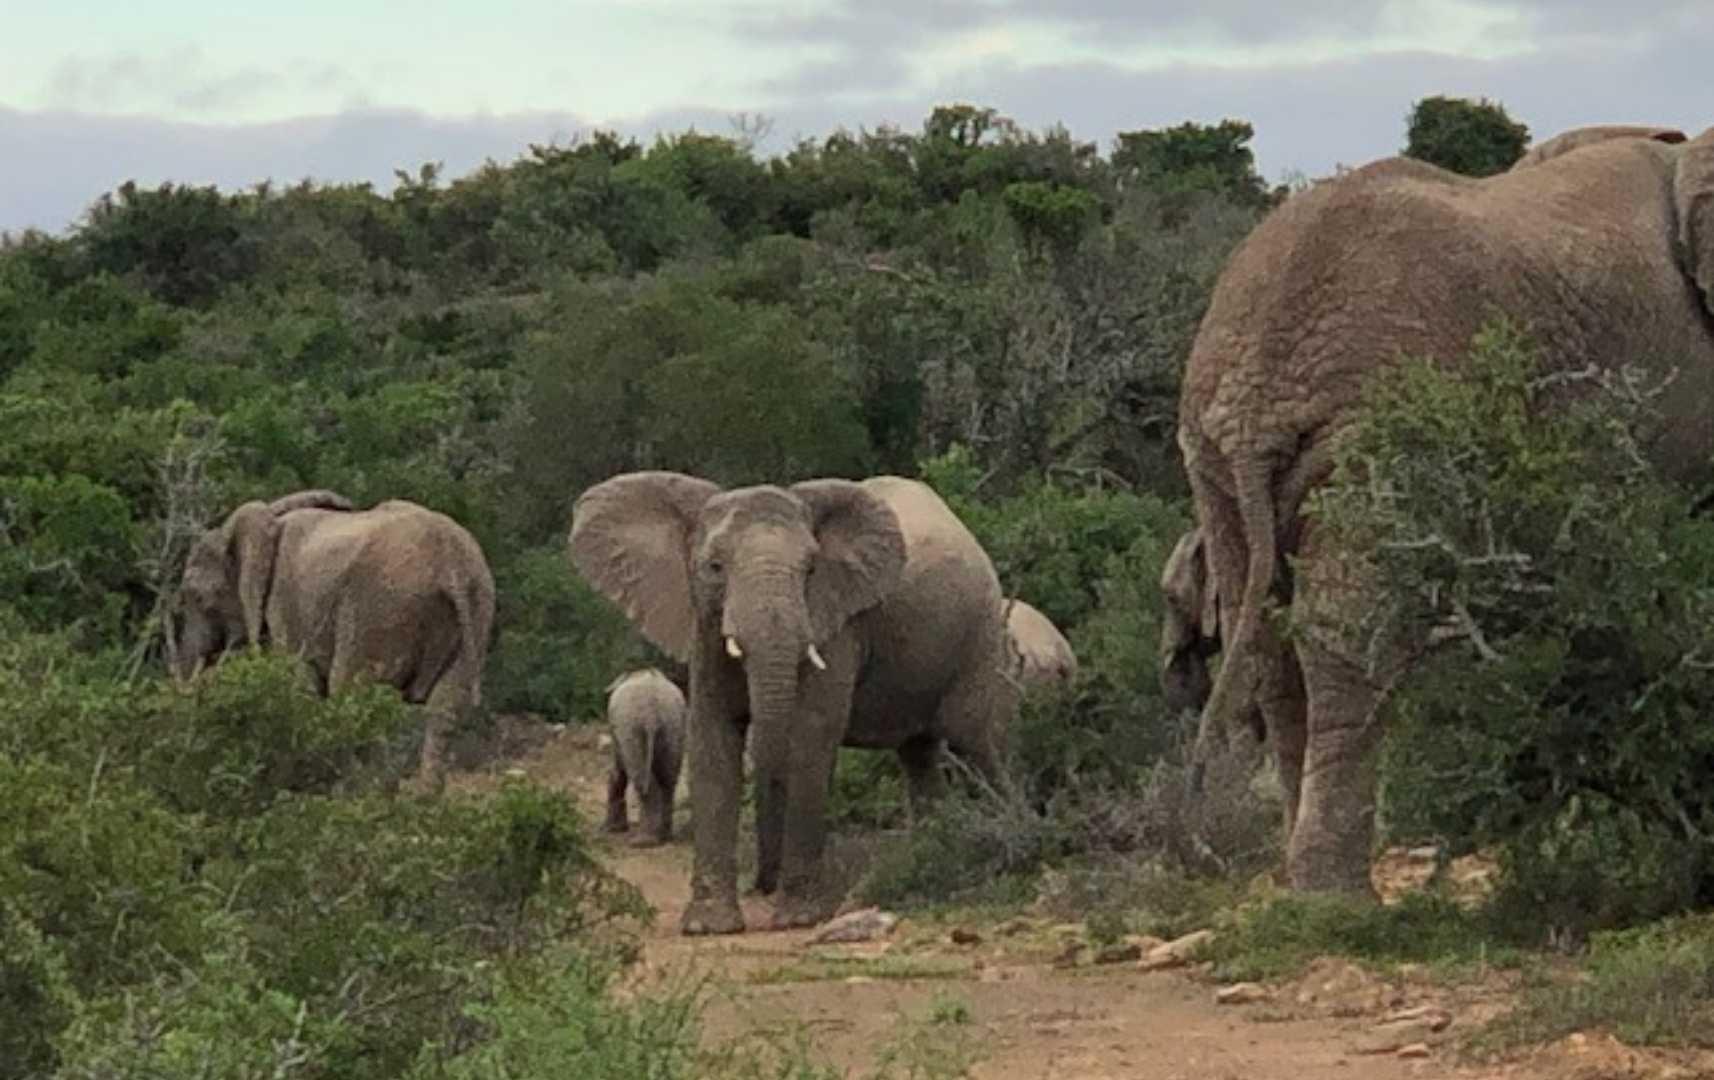 Elefanten bei der Pirschfahrt-Südafrika